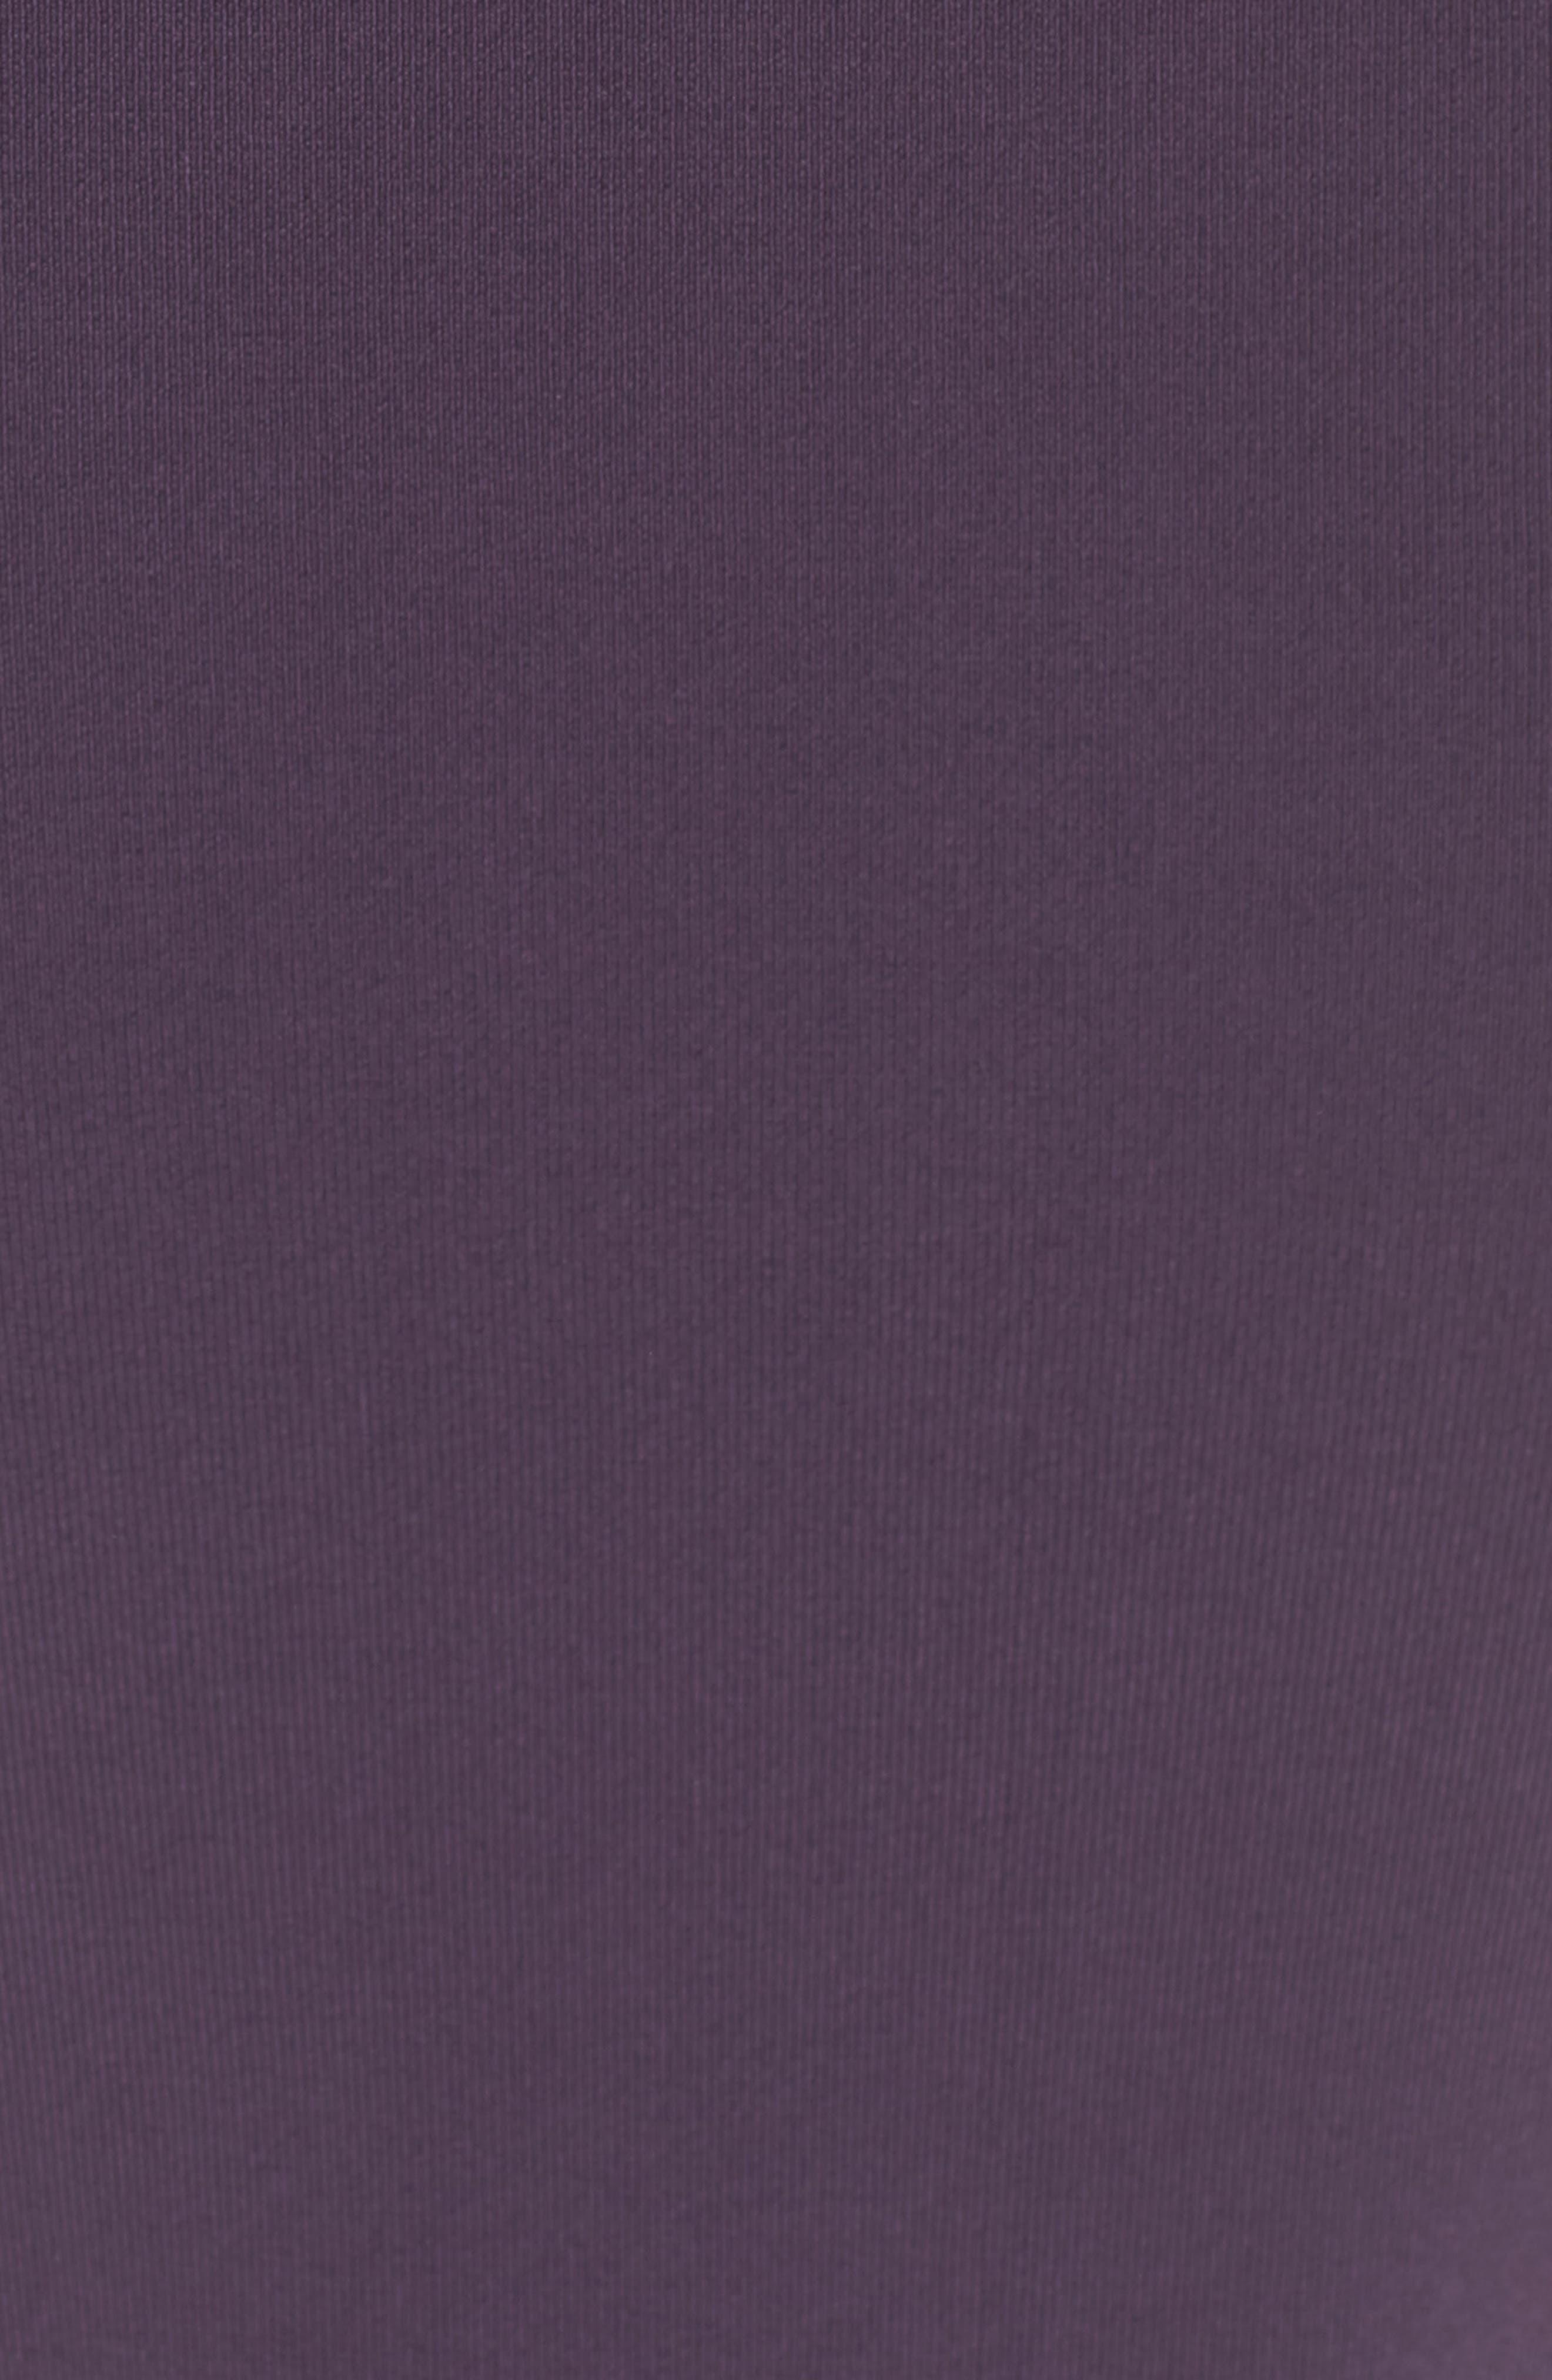 Sweater Knit Midi Dress,                             Alternate thumbnail 5, color,                             Purple Night